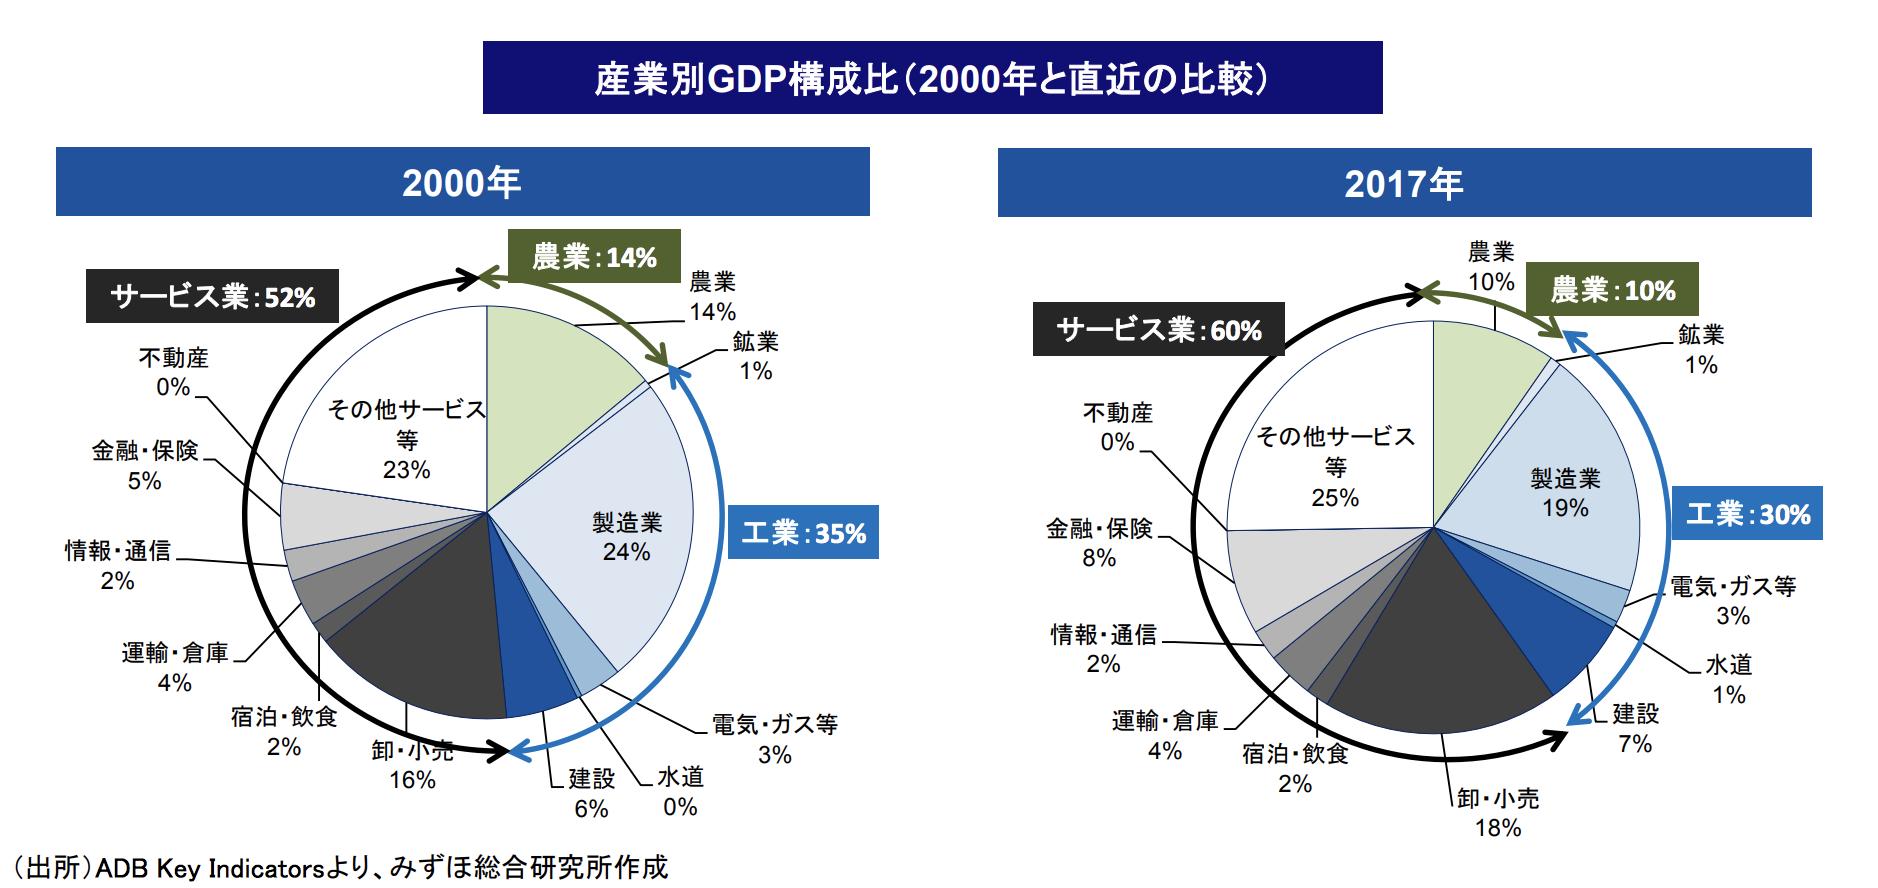 フィリピンのGDP産業構成比